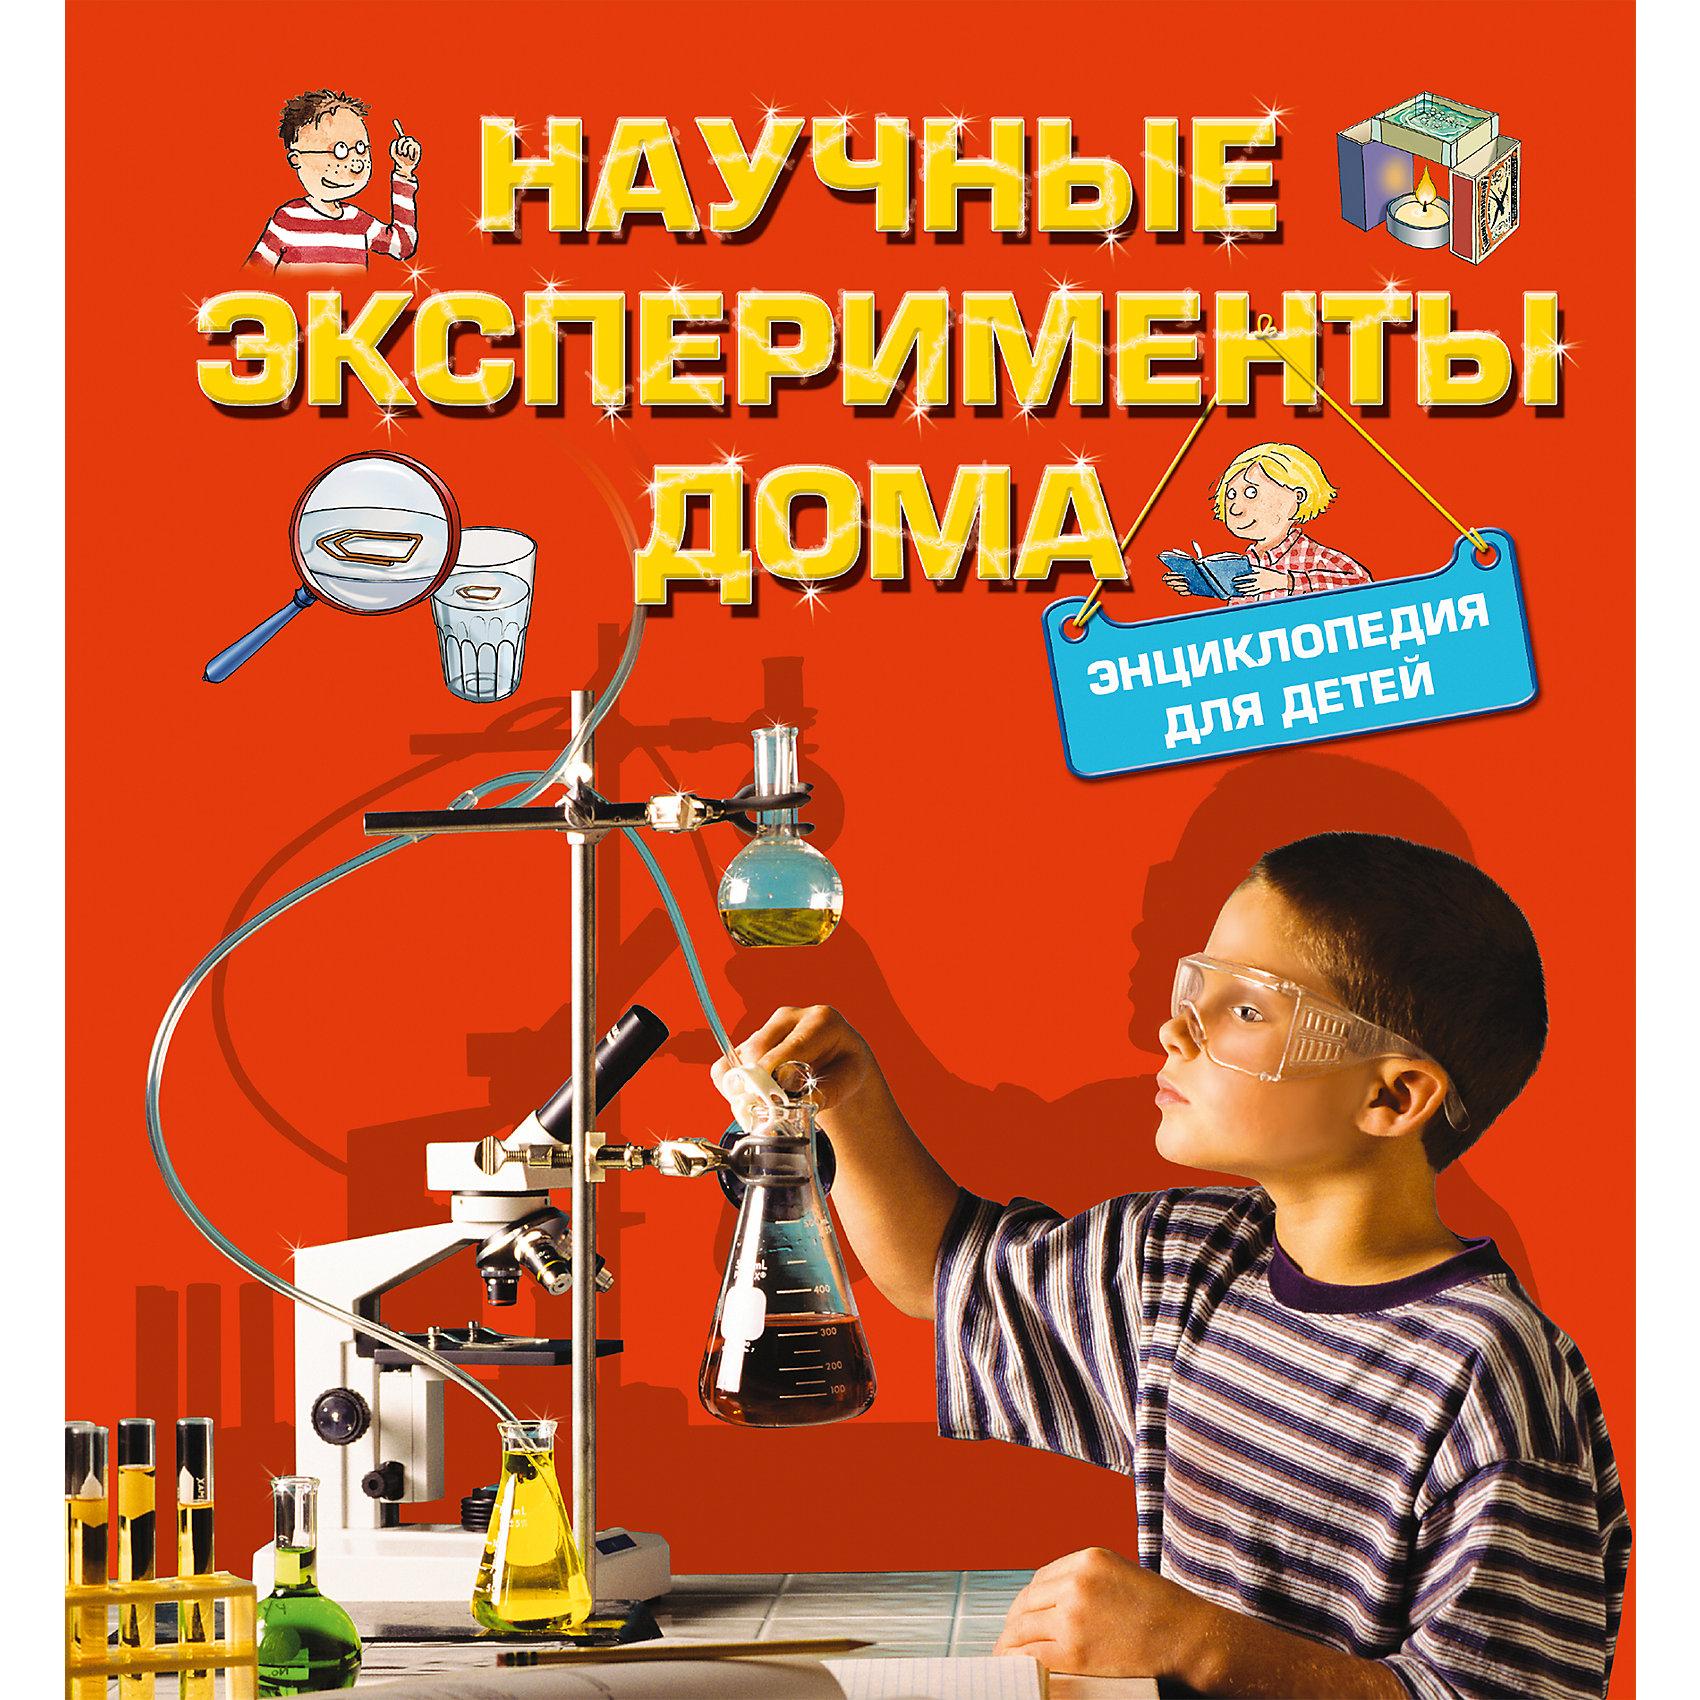 Научные эксперименты дома. Энциклопедия для детейЗабавные эксперименты своими руками! В книге ты найдешь описание несложных опытов, которые помогут объяснить физические явления. Все эксперименты легко провести подручными средствами, инструкции доступны и проиллюстрированы рисунками, фотографиями и схемами. Естественные науки - это очень увлекательно!<br><br>Дополнительная информация:<br><br>- год выпуска: 2011<br>- количество страниц:192<br>- формат: 25 * 23 см.<br>- переплет: твердый переплет<br>- вес: 750 гр.<br>- возраст: от  6  лет<br><br>Научные эксперименты дома. Энциклопедию для детей можно купить в нашем интернет - магазине.<br><br>Ширина мм: 240<br>Глубина мм: 220<br>Высота мм: 17<br>Вес г: 760<br>Возраст от месяцев: 108<br>Возраст до месяцев: 144<br>Пол: Унисекс<br>Возраст: Детский<br>SKU: 4753509